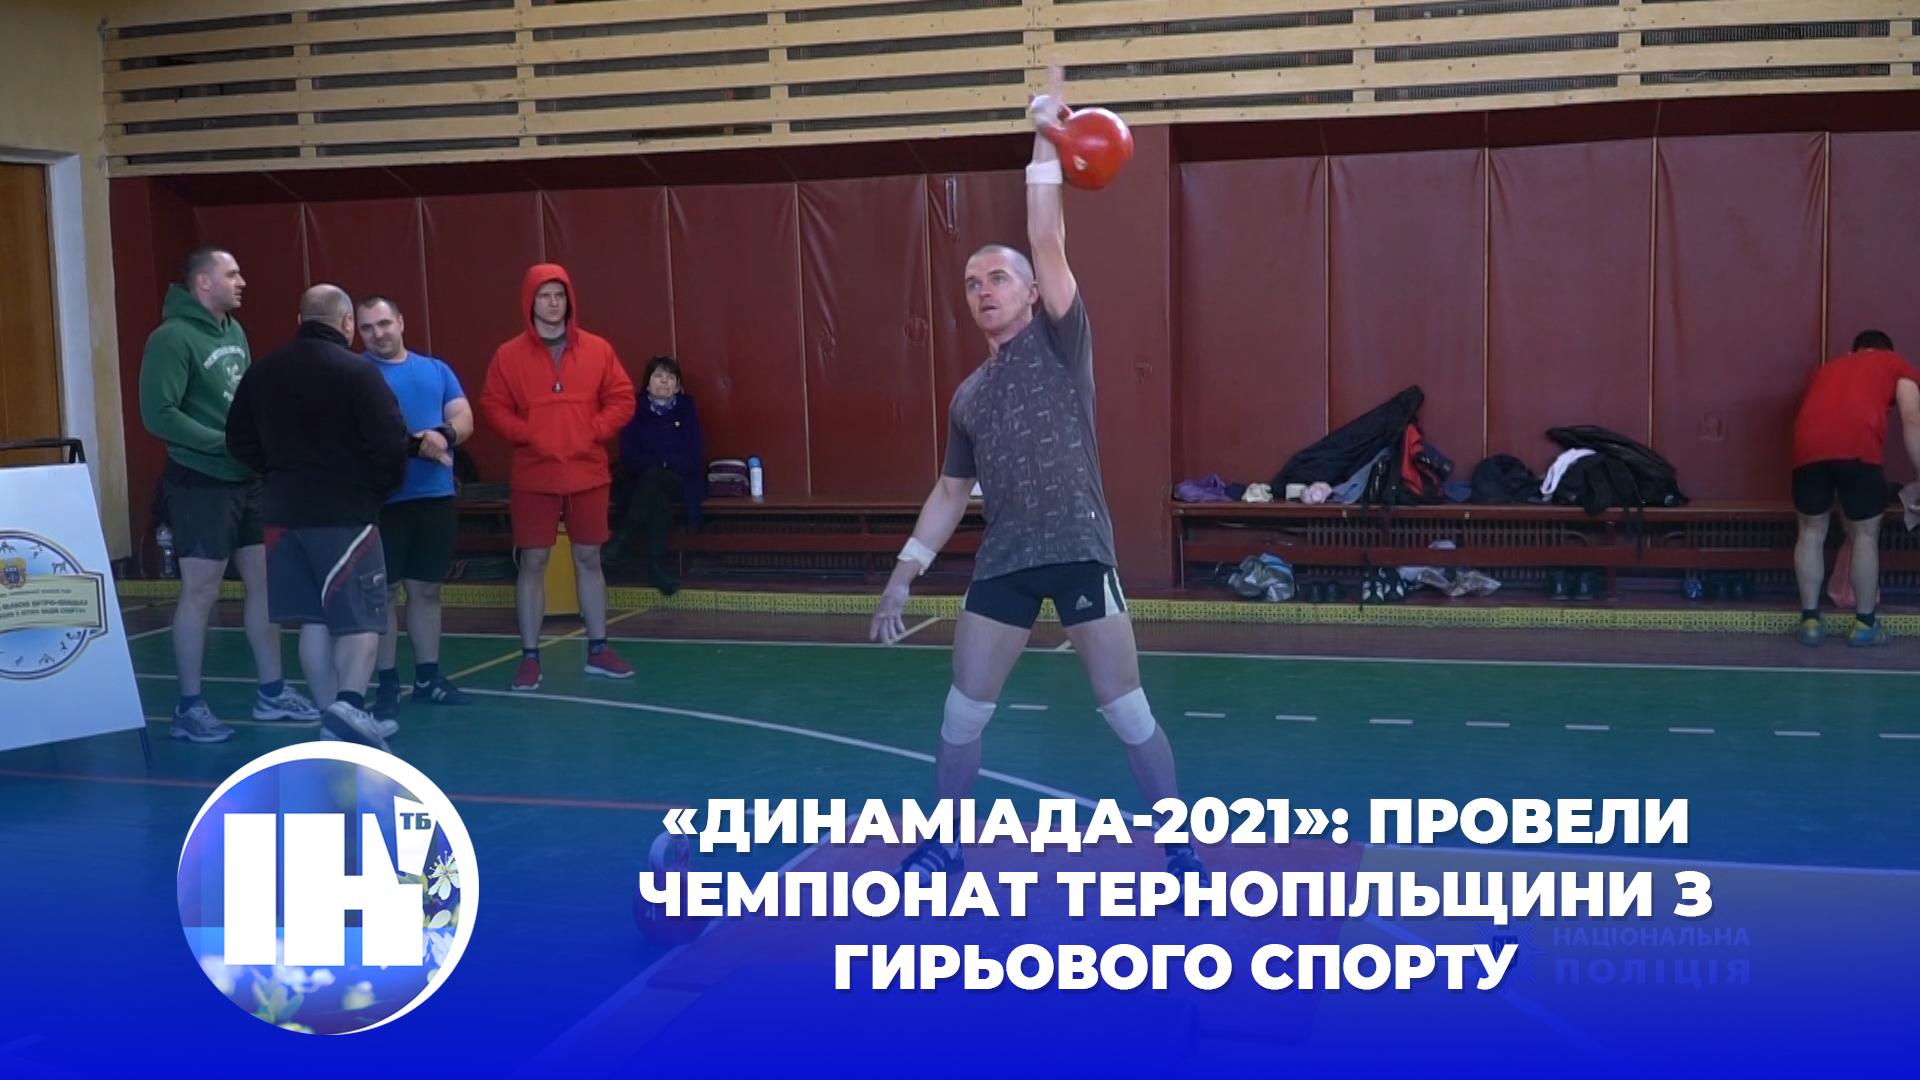 «Динаміада-2021»: Провели чемпіонат Тернопільщини з гирьового спорту